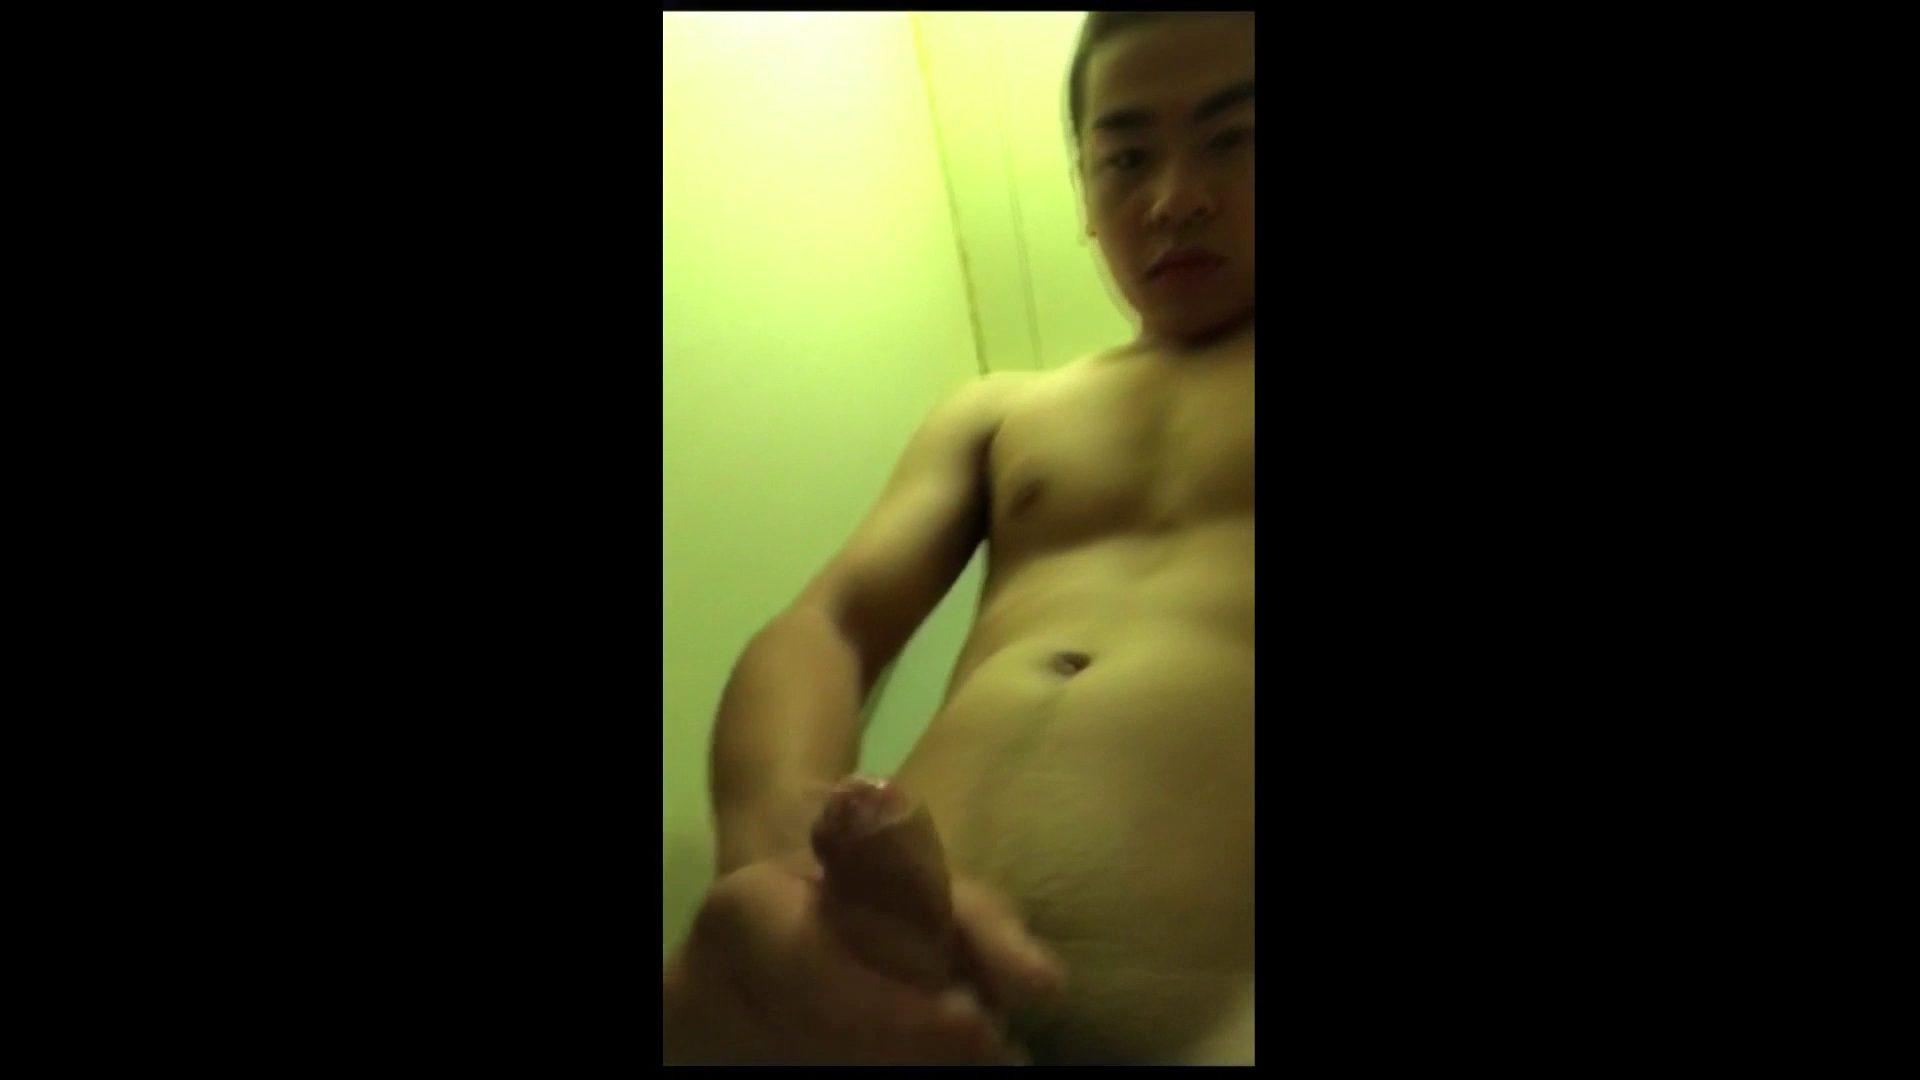 個人撮影 自慰の極意 Vol.2 個人撮影 | 手コキ ゲイエロ動画 79pic 37